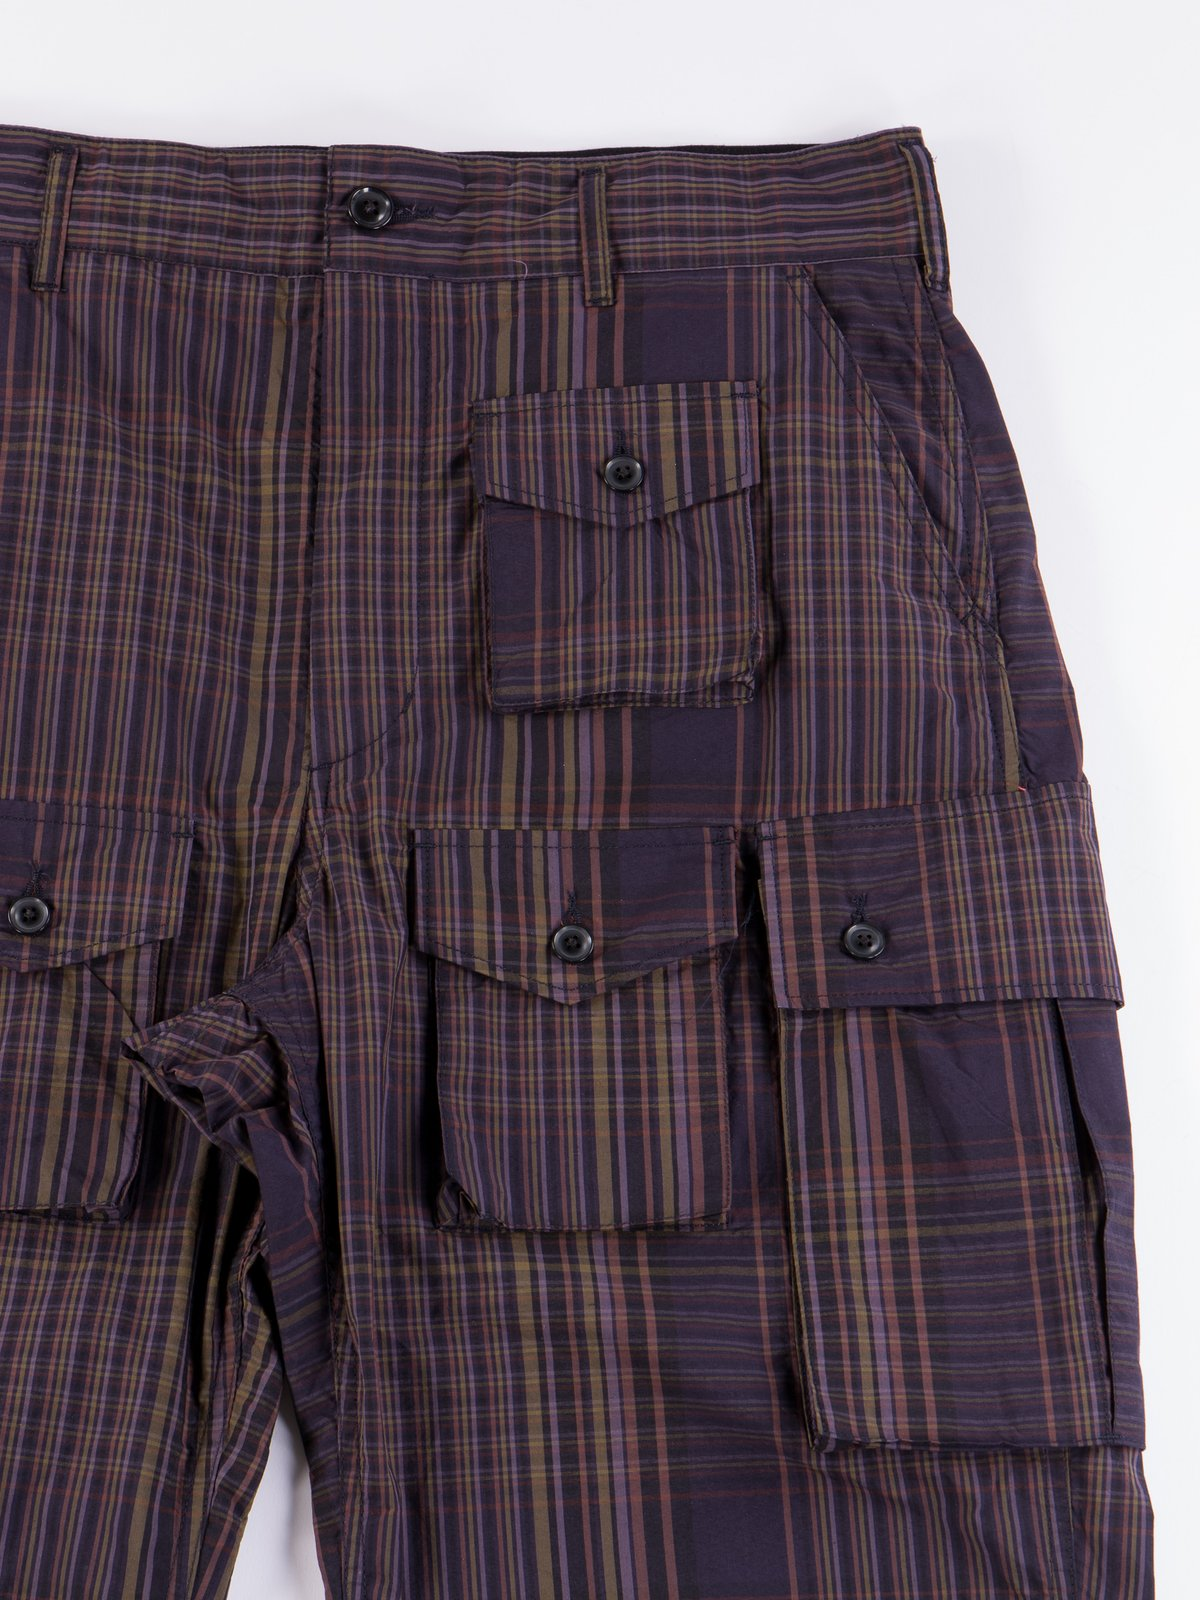 Multi Color Nyco Plaid FA Pant - Image 4